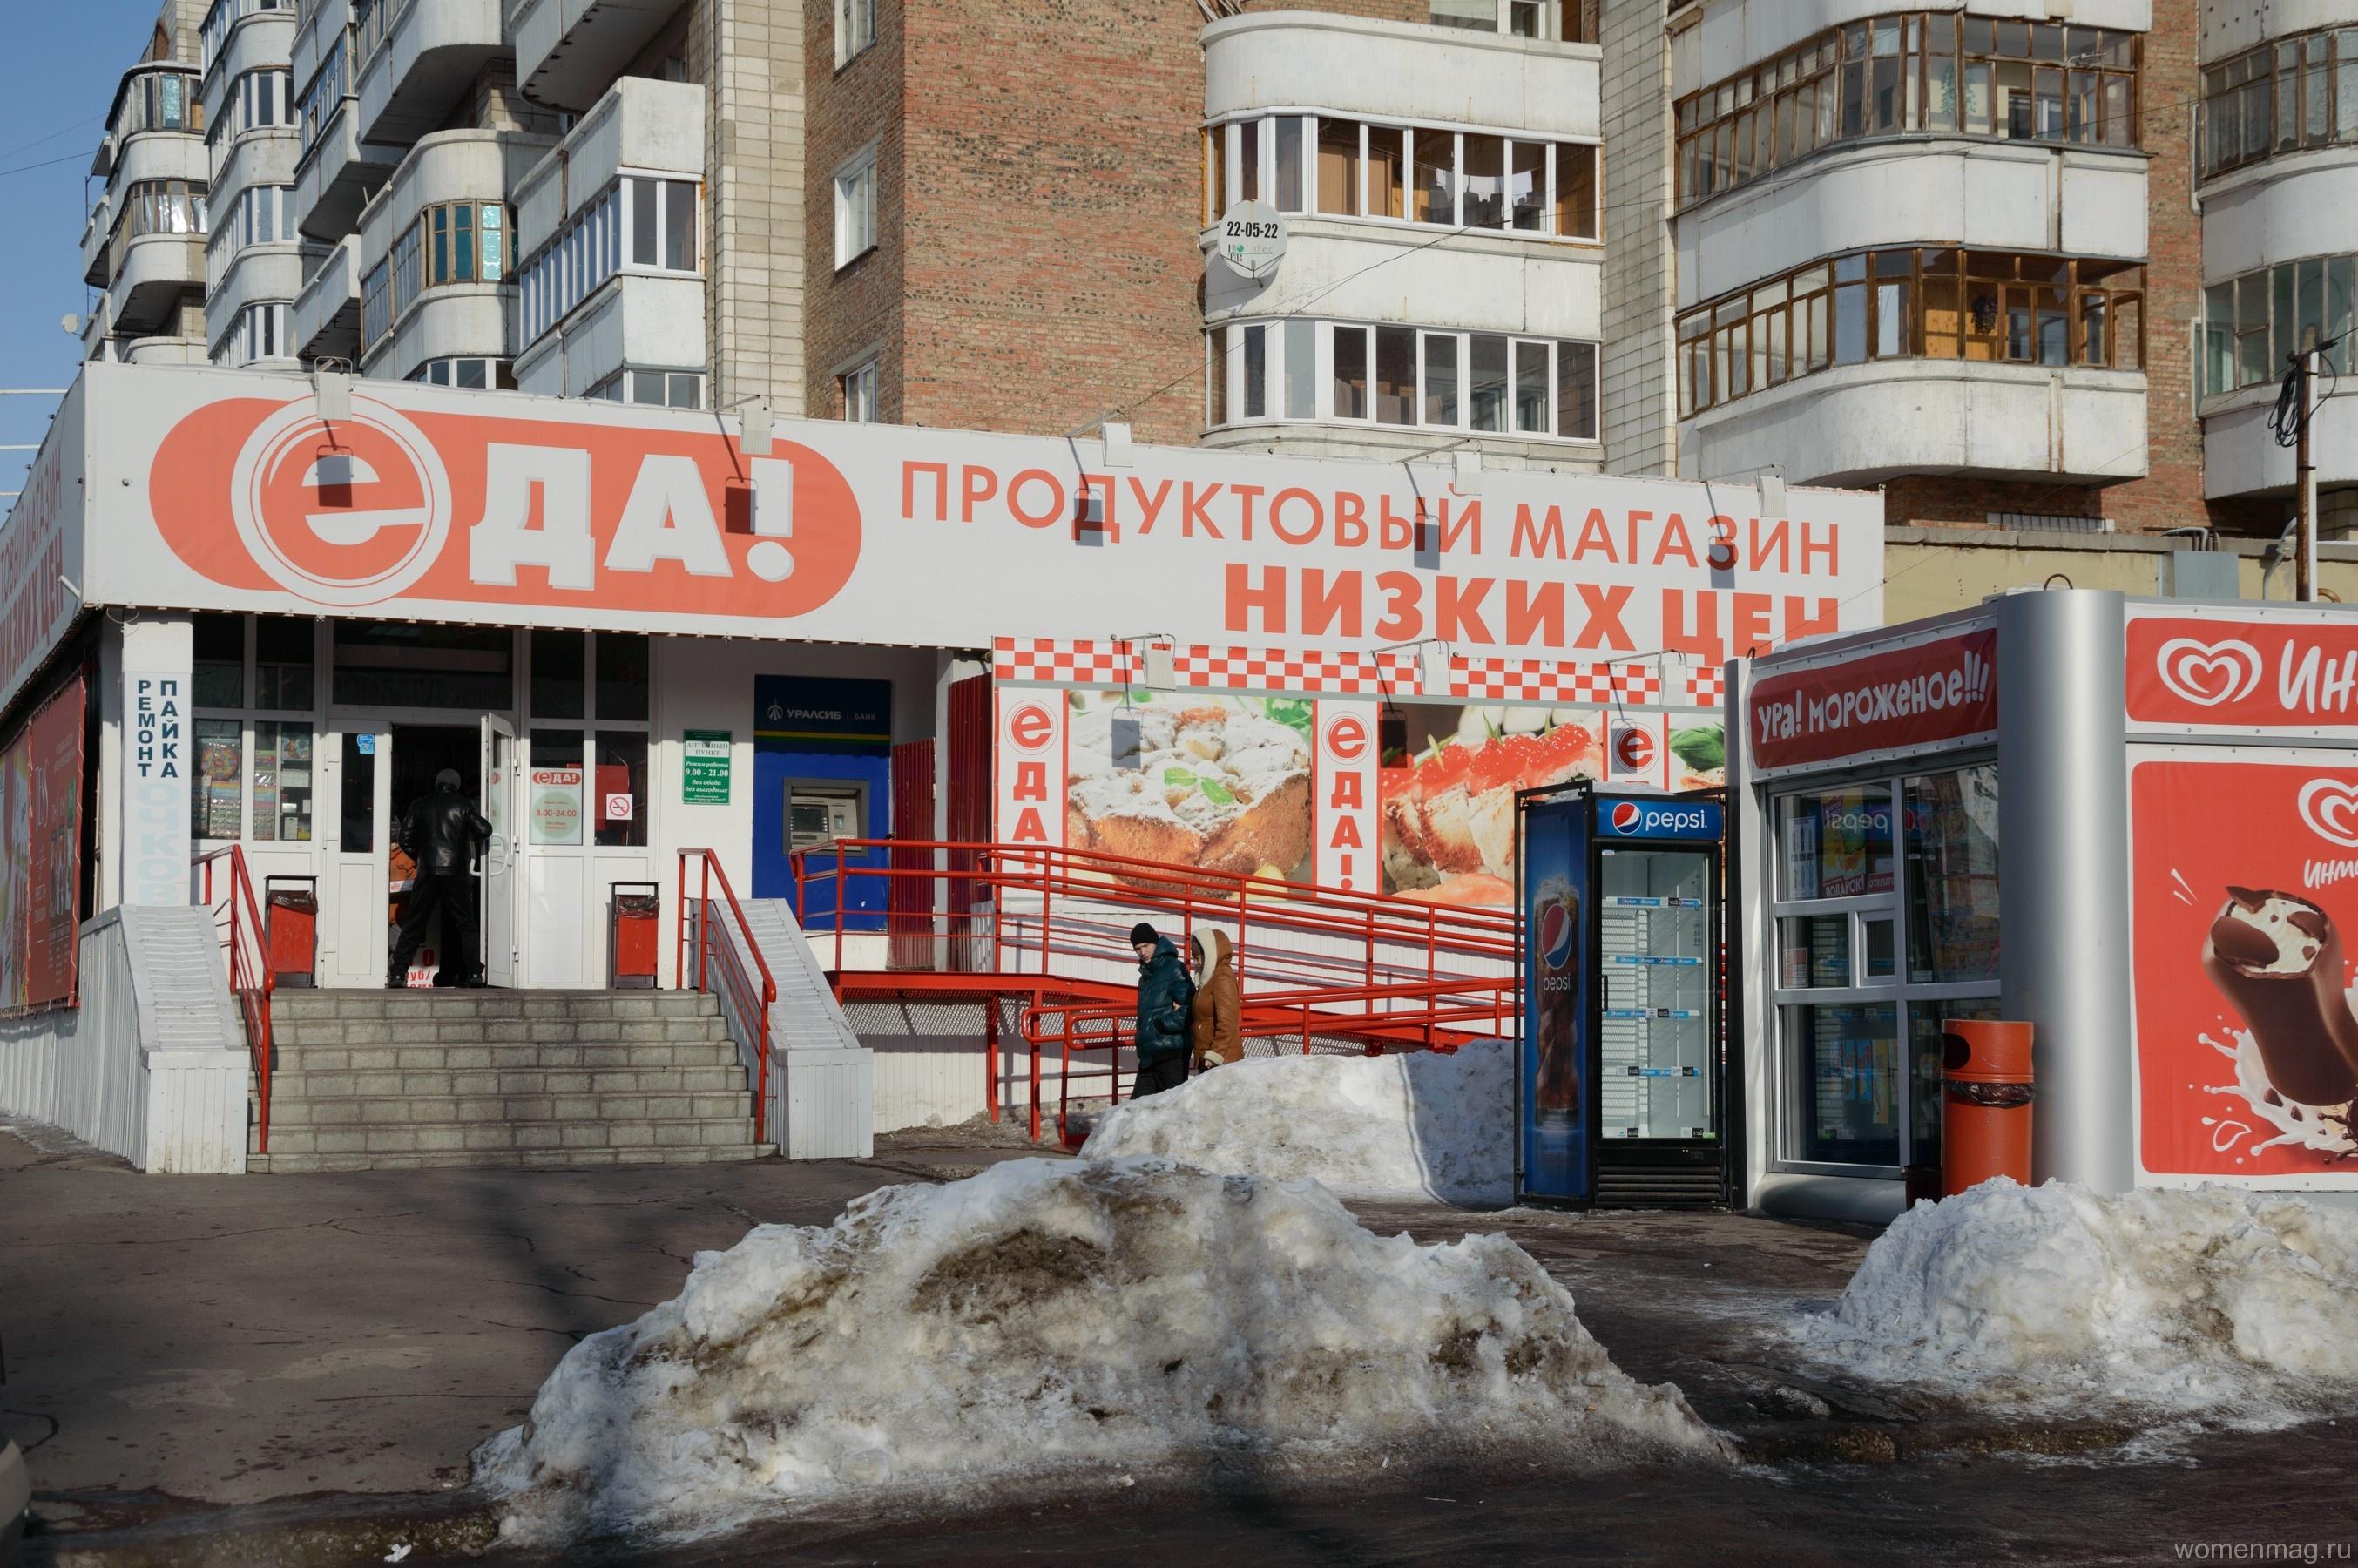 Продуктовый магазин низких цен «Еда» в Омске